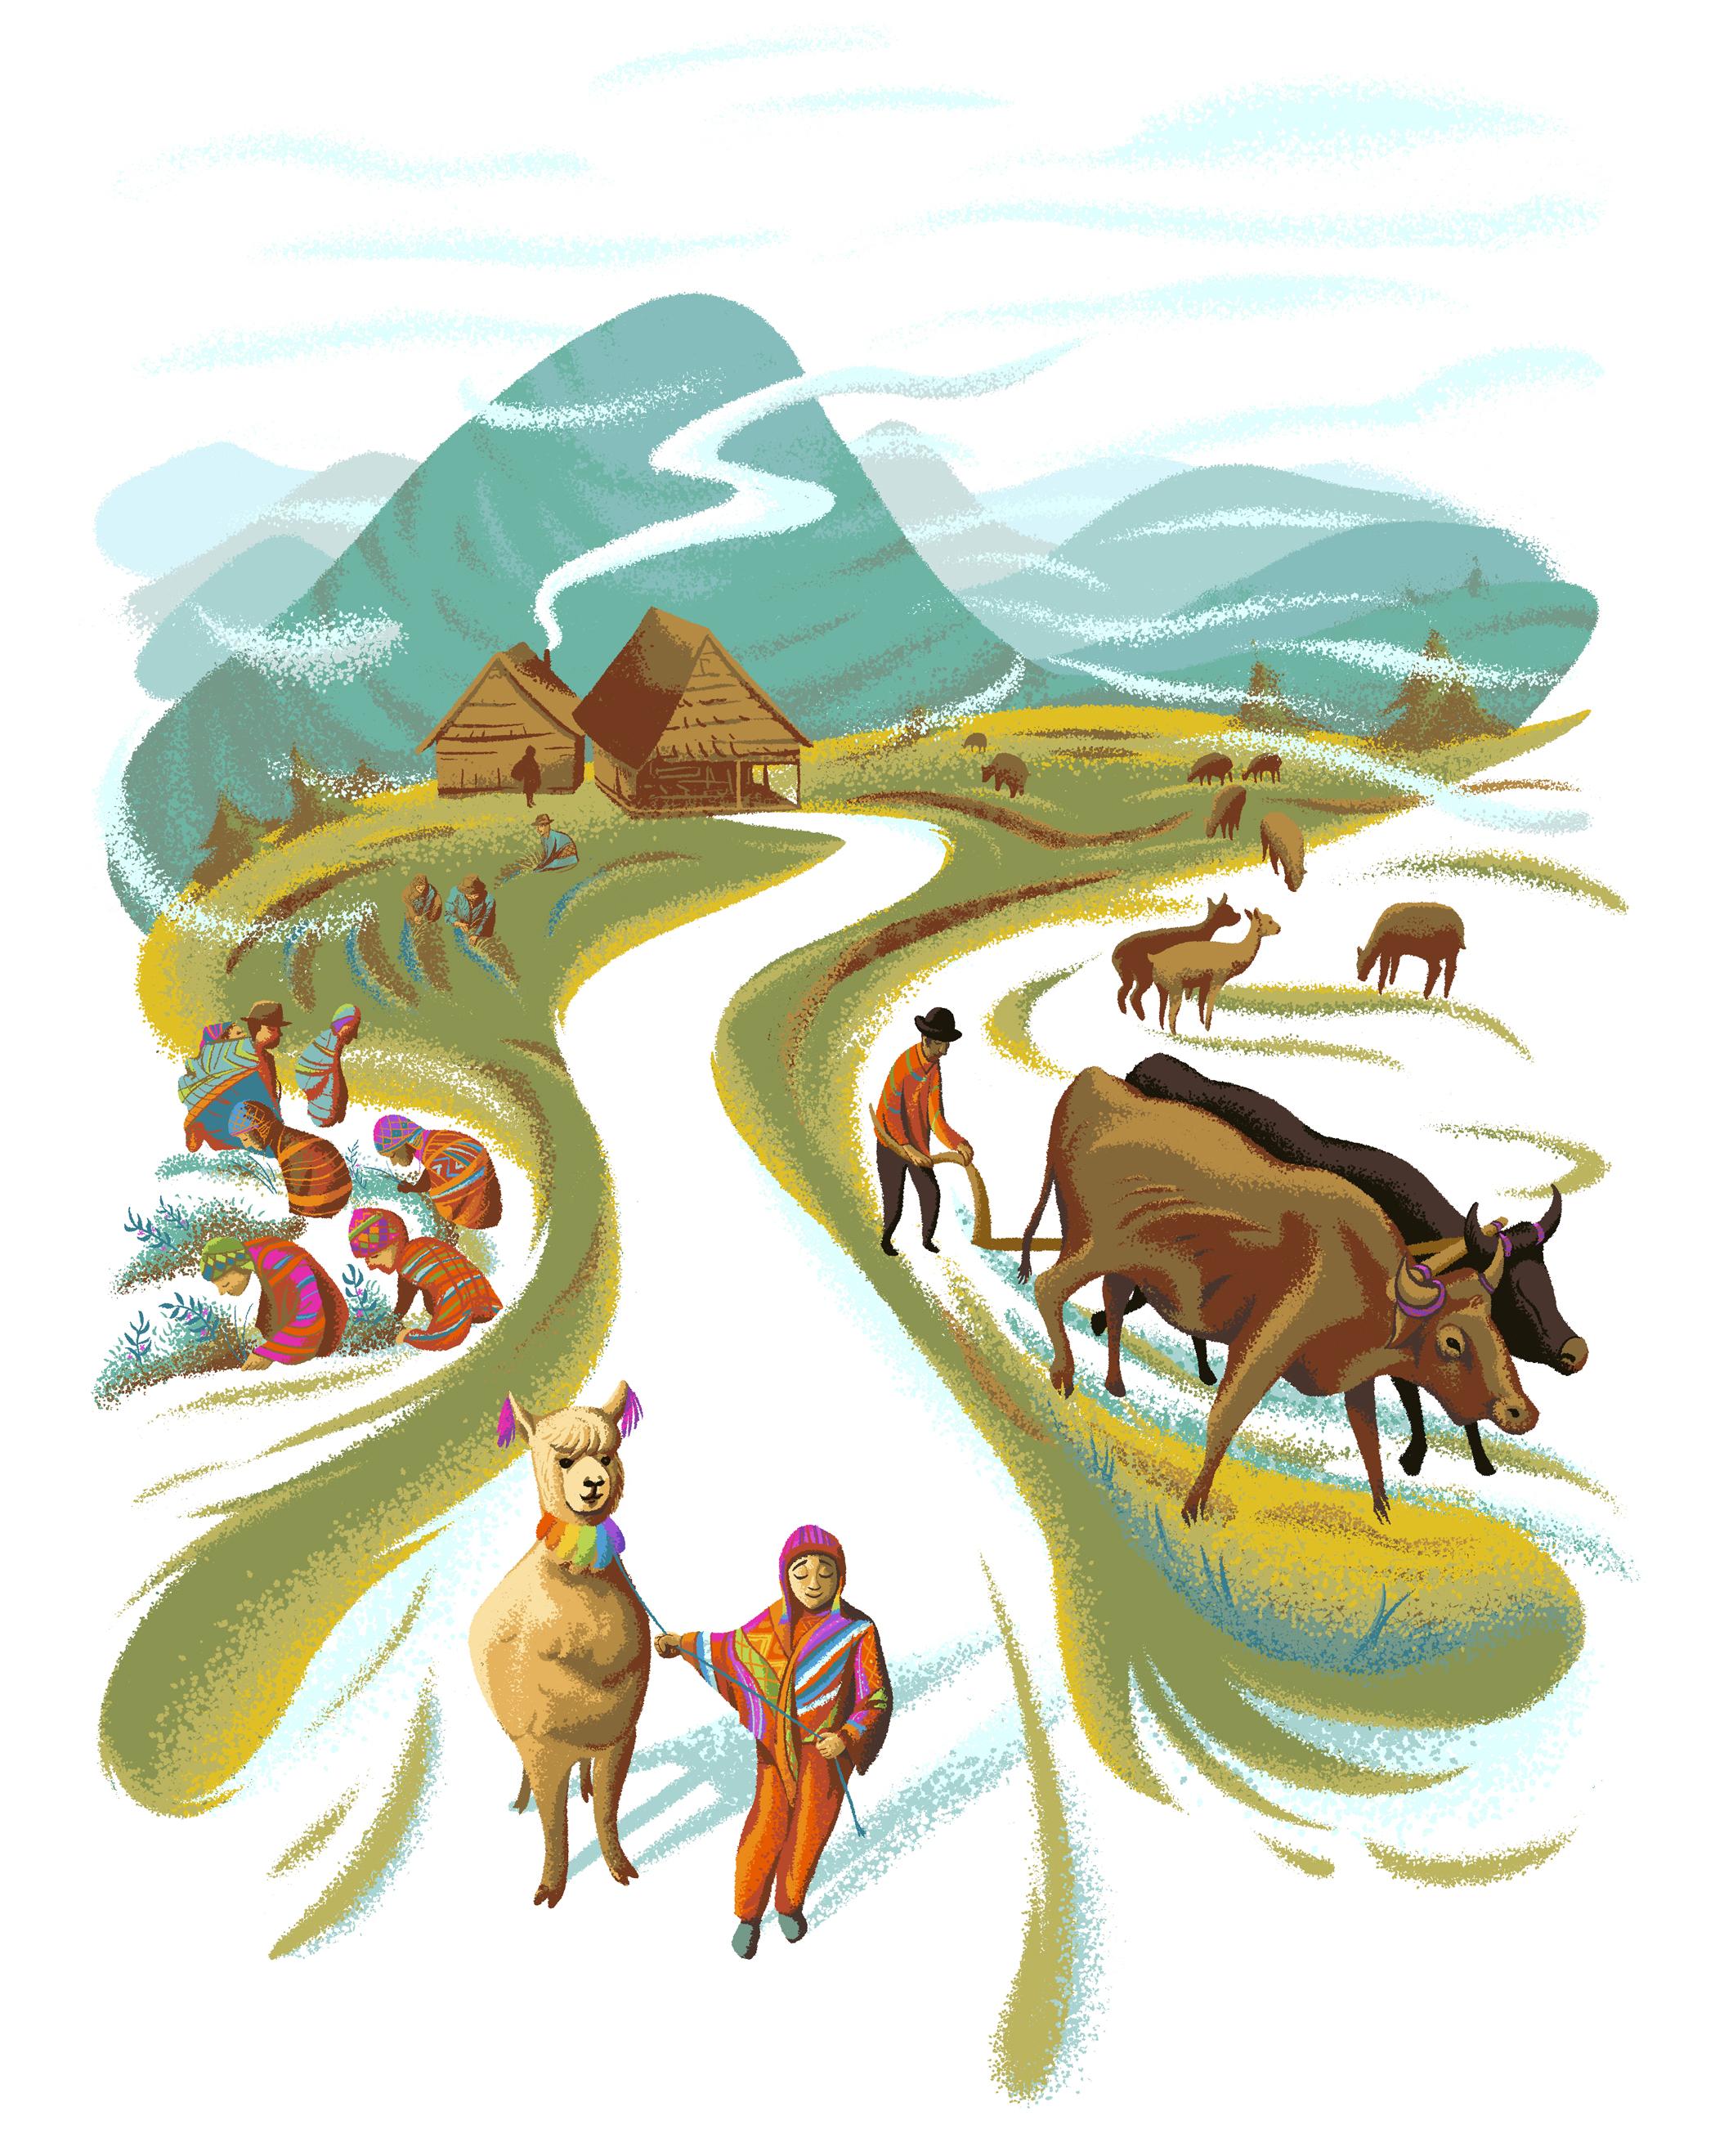 HaydenCurrie-Illustration-Transnational-Institute.jpg